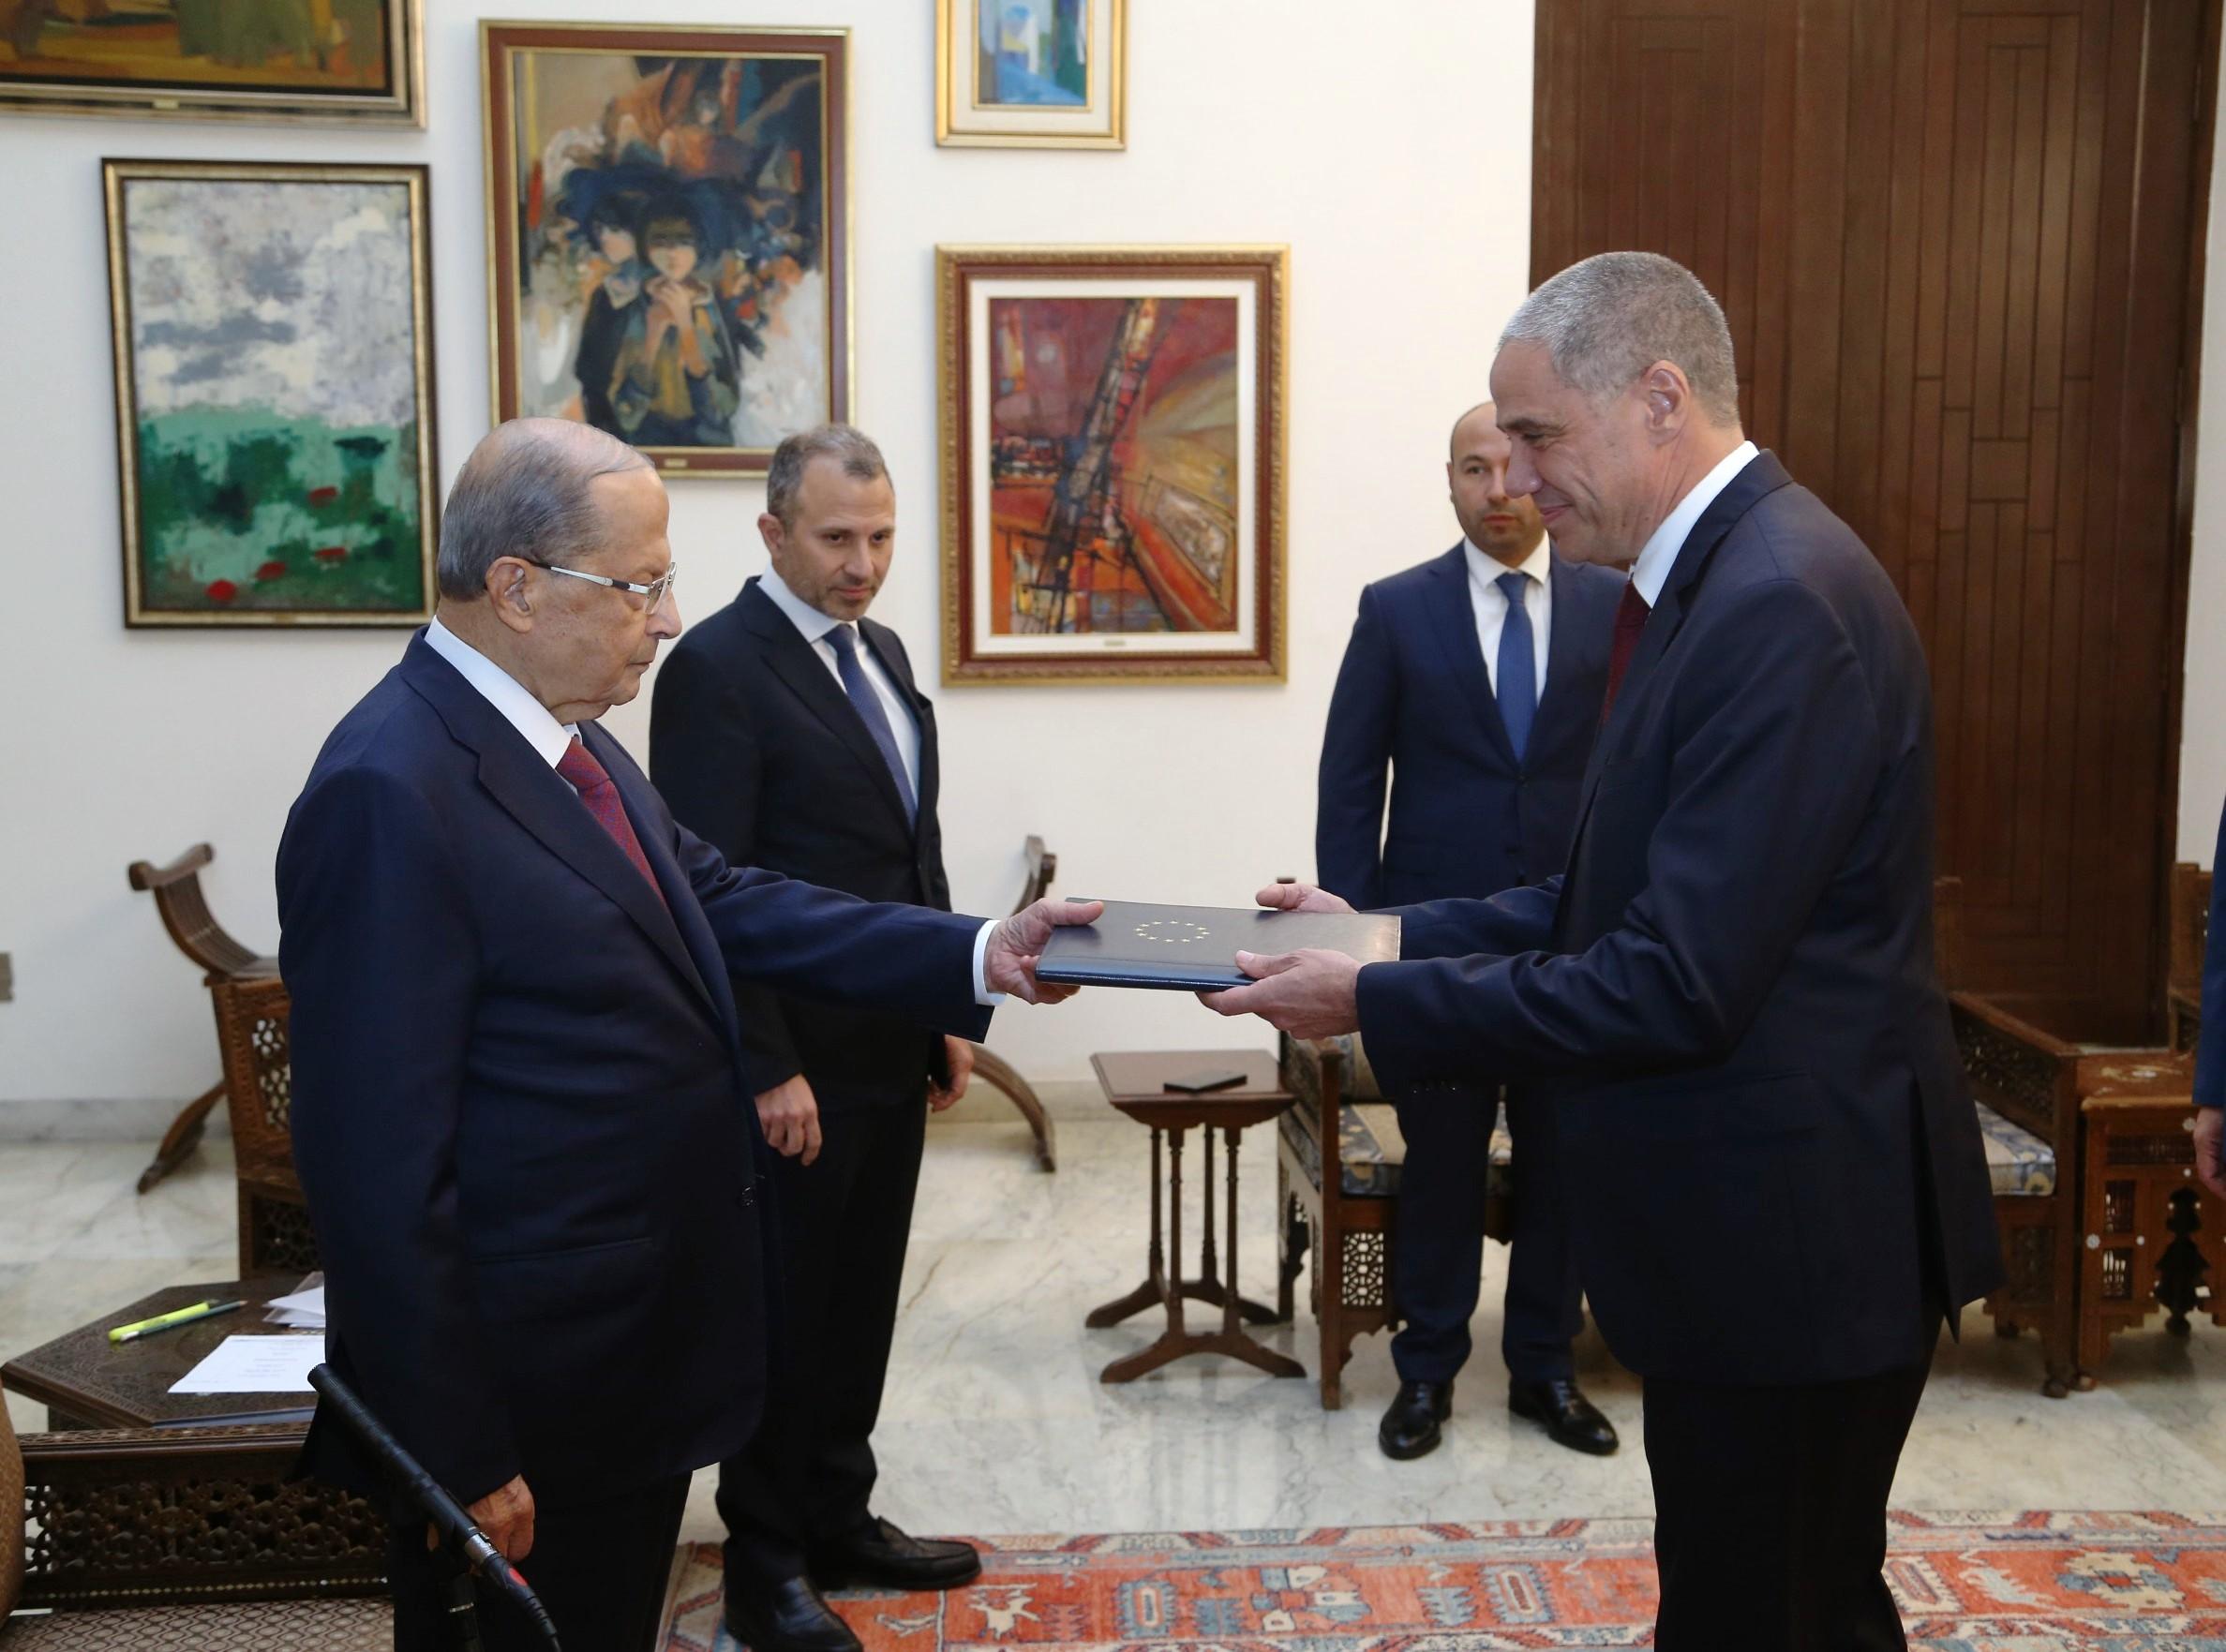 رالف طرّاف سفيرا معتمدا جديدا للإتحاد الأوروبي في لبنان